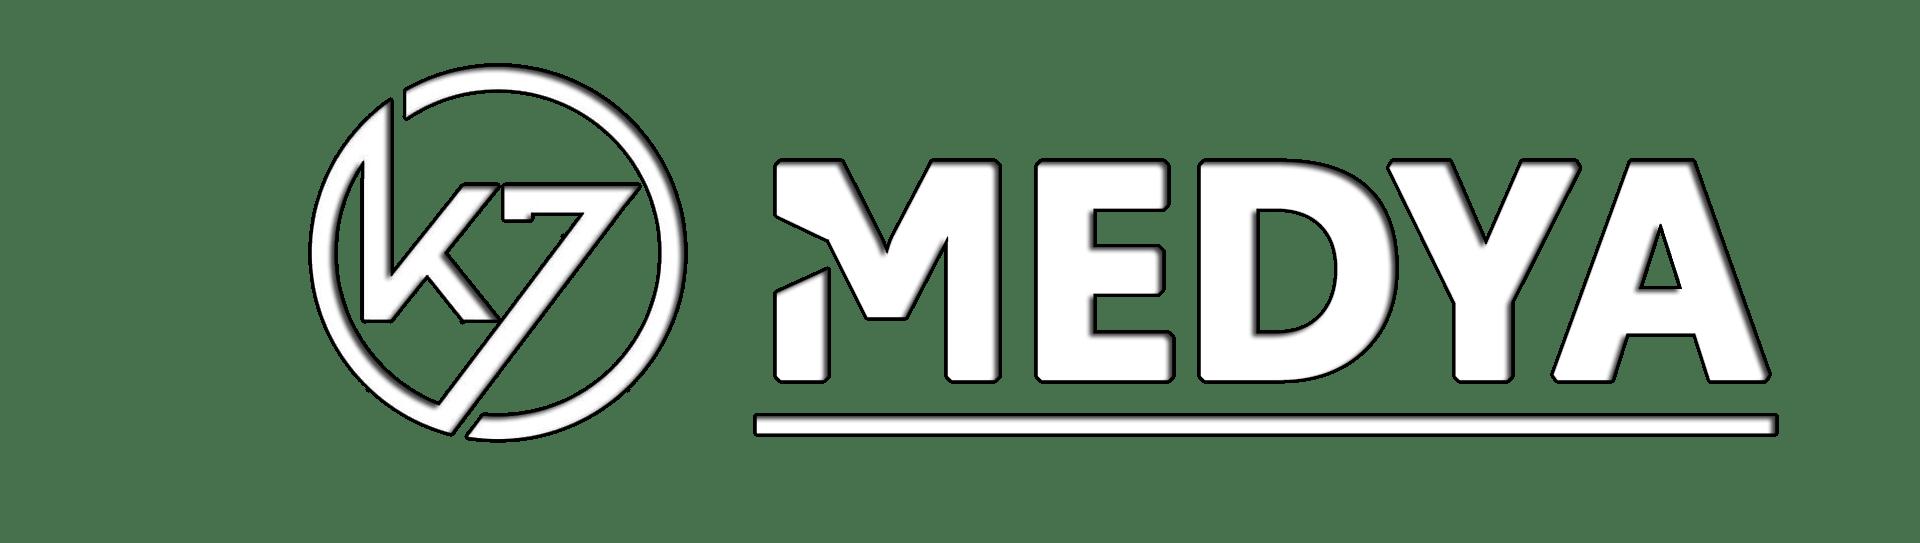 K7Medya.Com